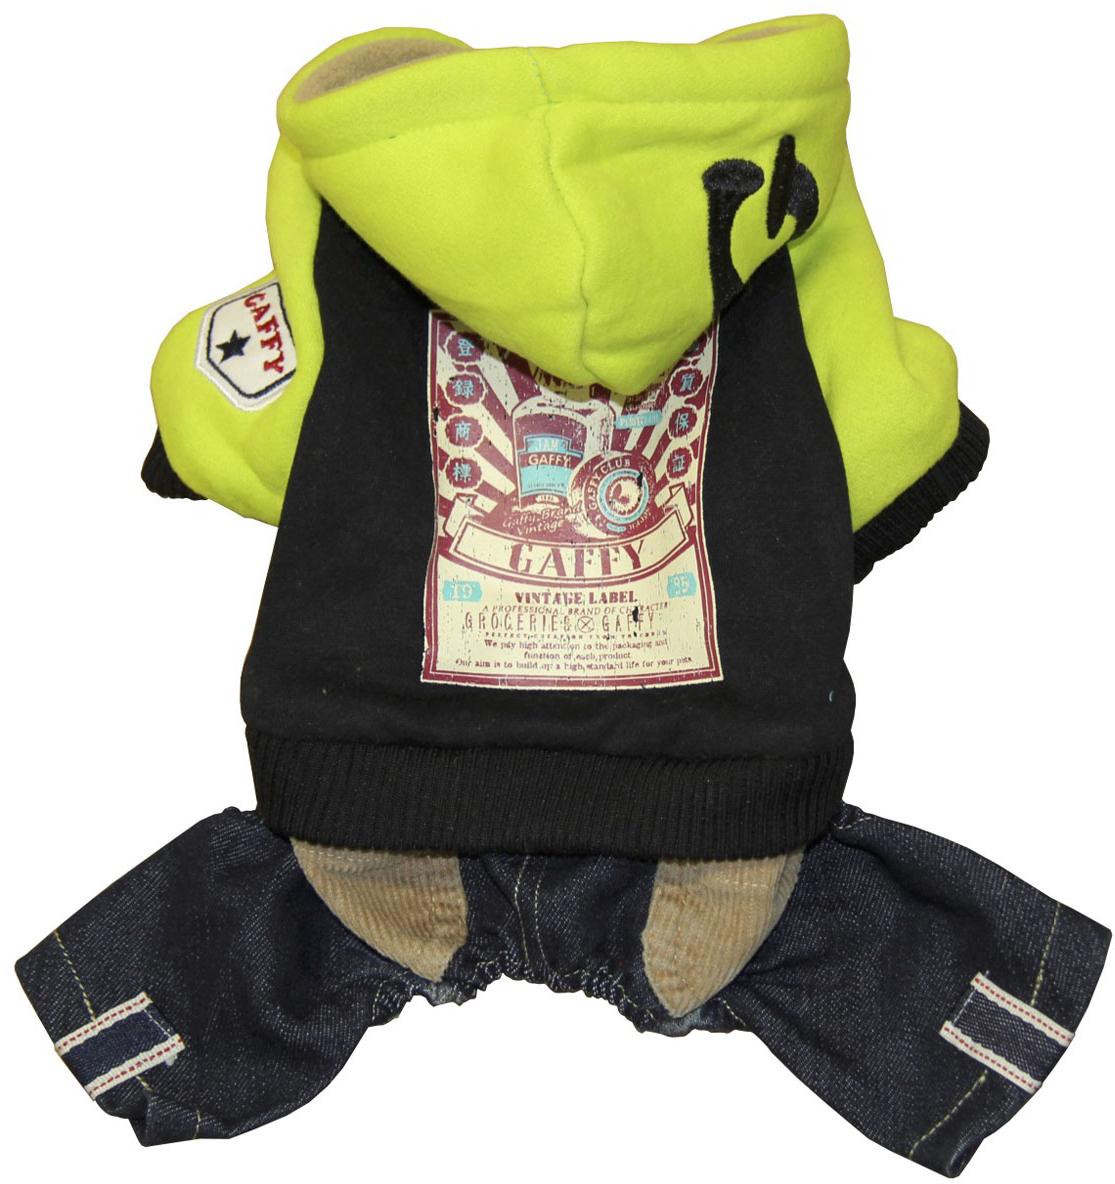 Костюм для собак Gaffy Pet Vintage Store, унисекс, цвет: салатовый, черный. Размер L куртка для собак gaffy pet polka dot унисекс цвет желтый размер l